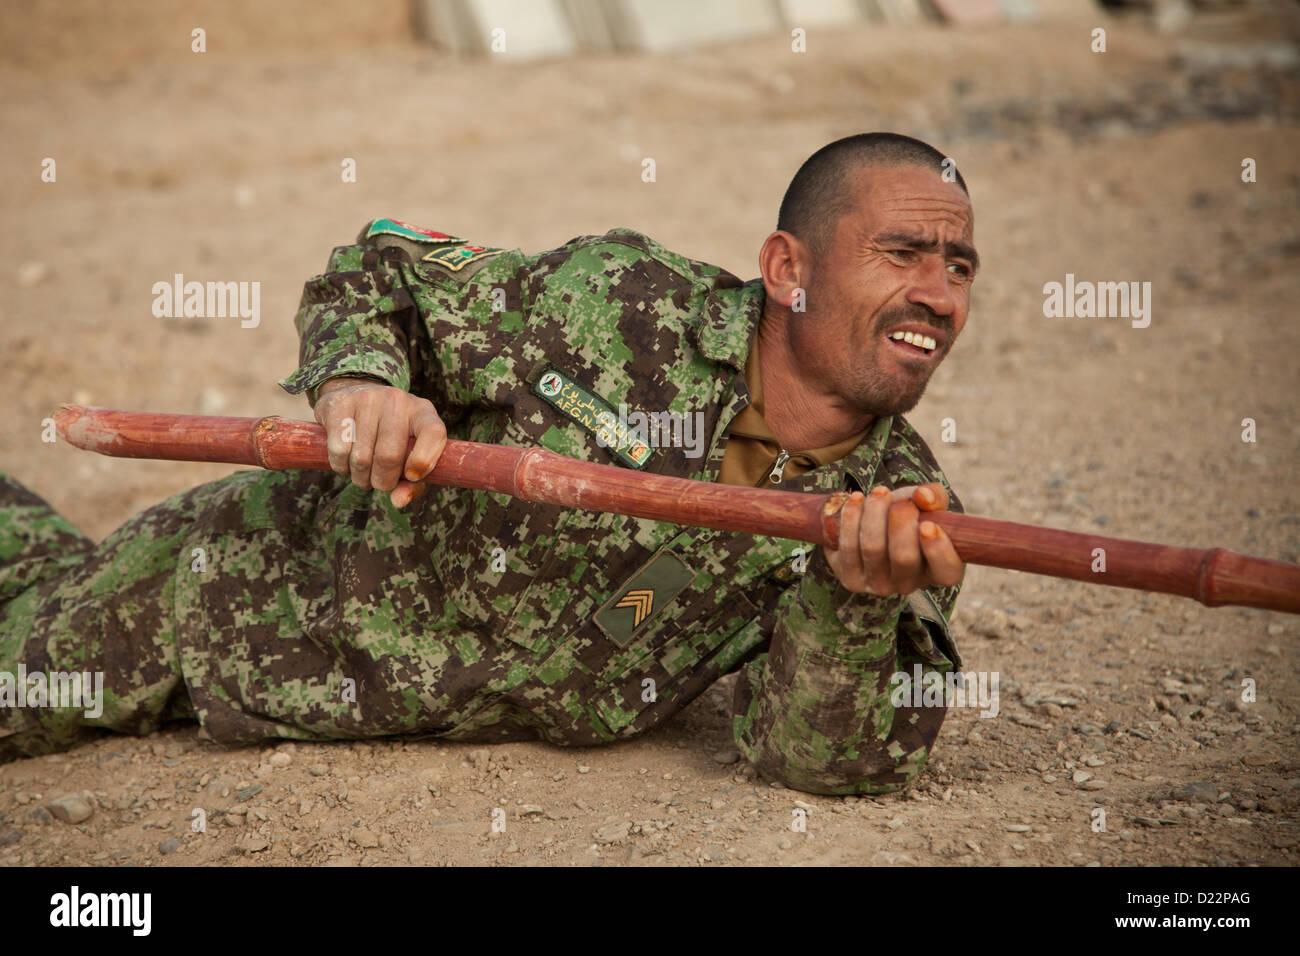 Nett Armee Sergeant Lebenslauf Beispiele Ideen - Entry Level Resume ...